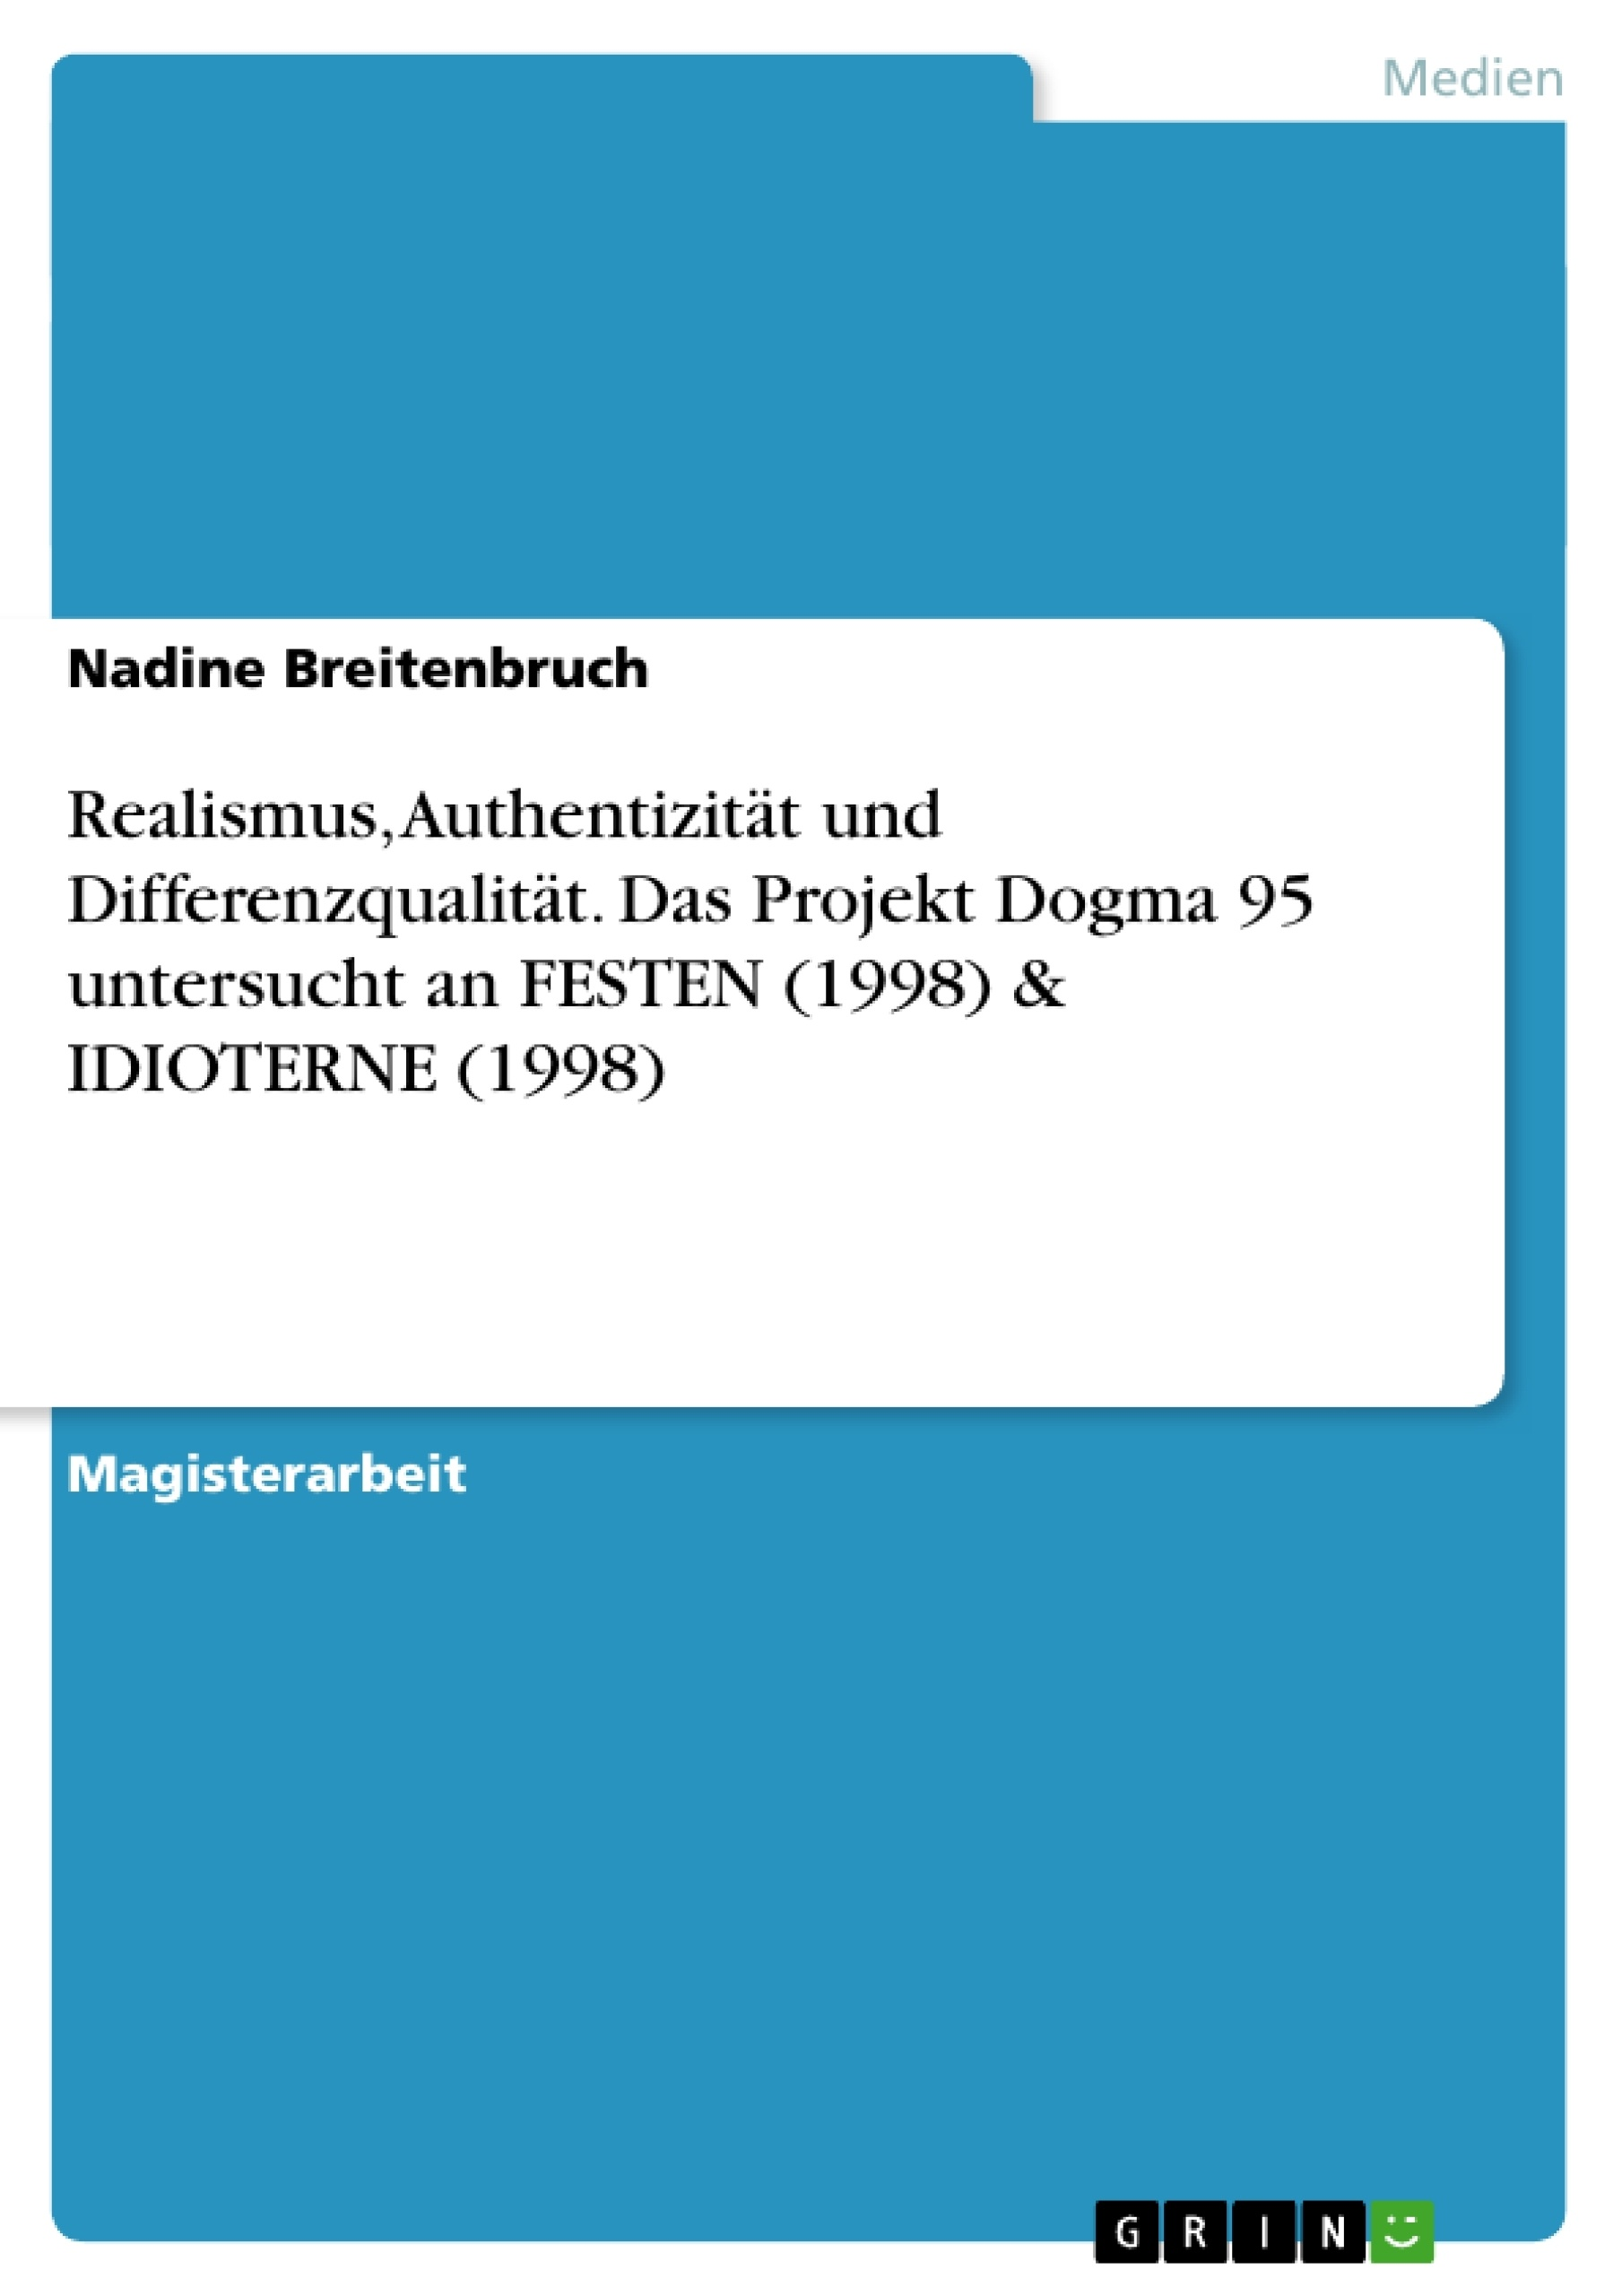 Titel: Realismus, Authentizität und Differenzqualität. Das Projekt Dogma 95 untersucht an FESTEN (1998) & IDIOTERNE (1998)